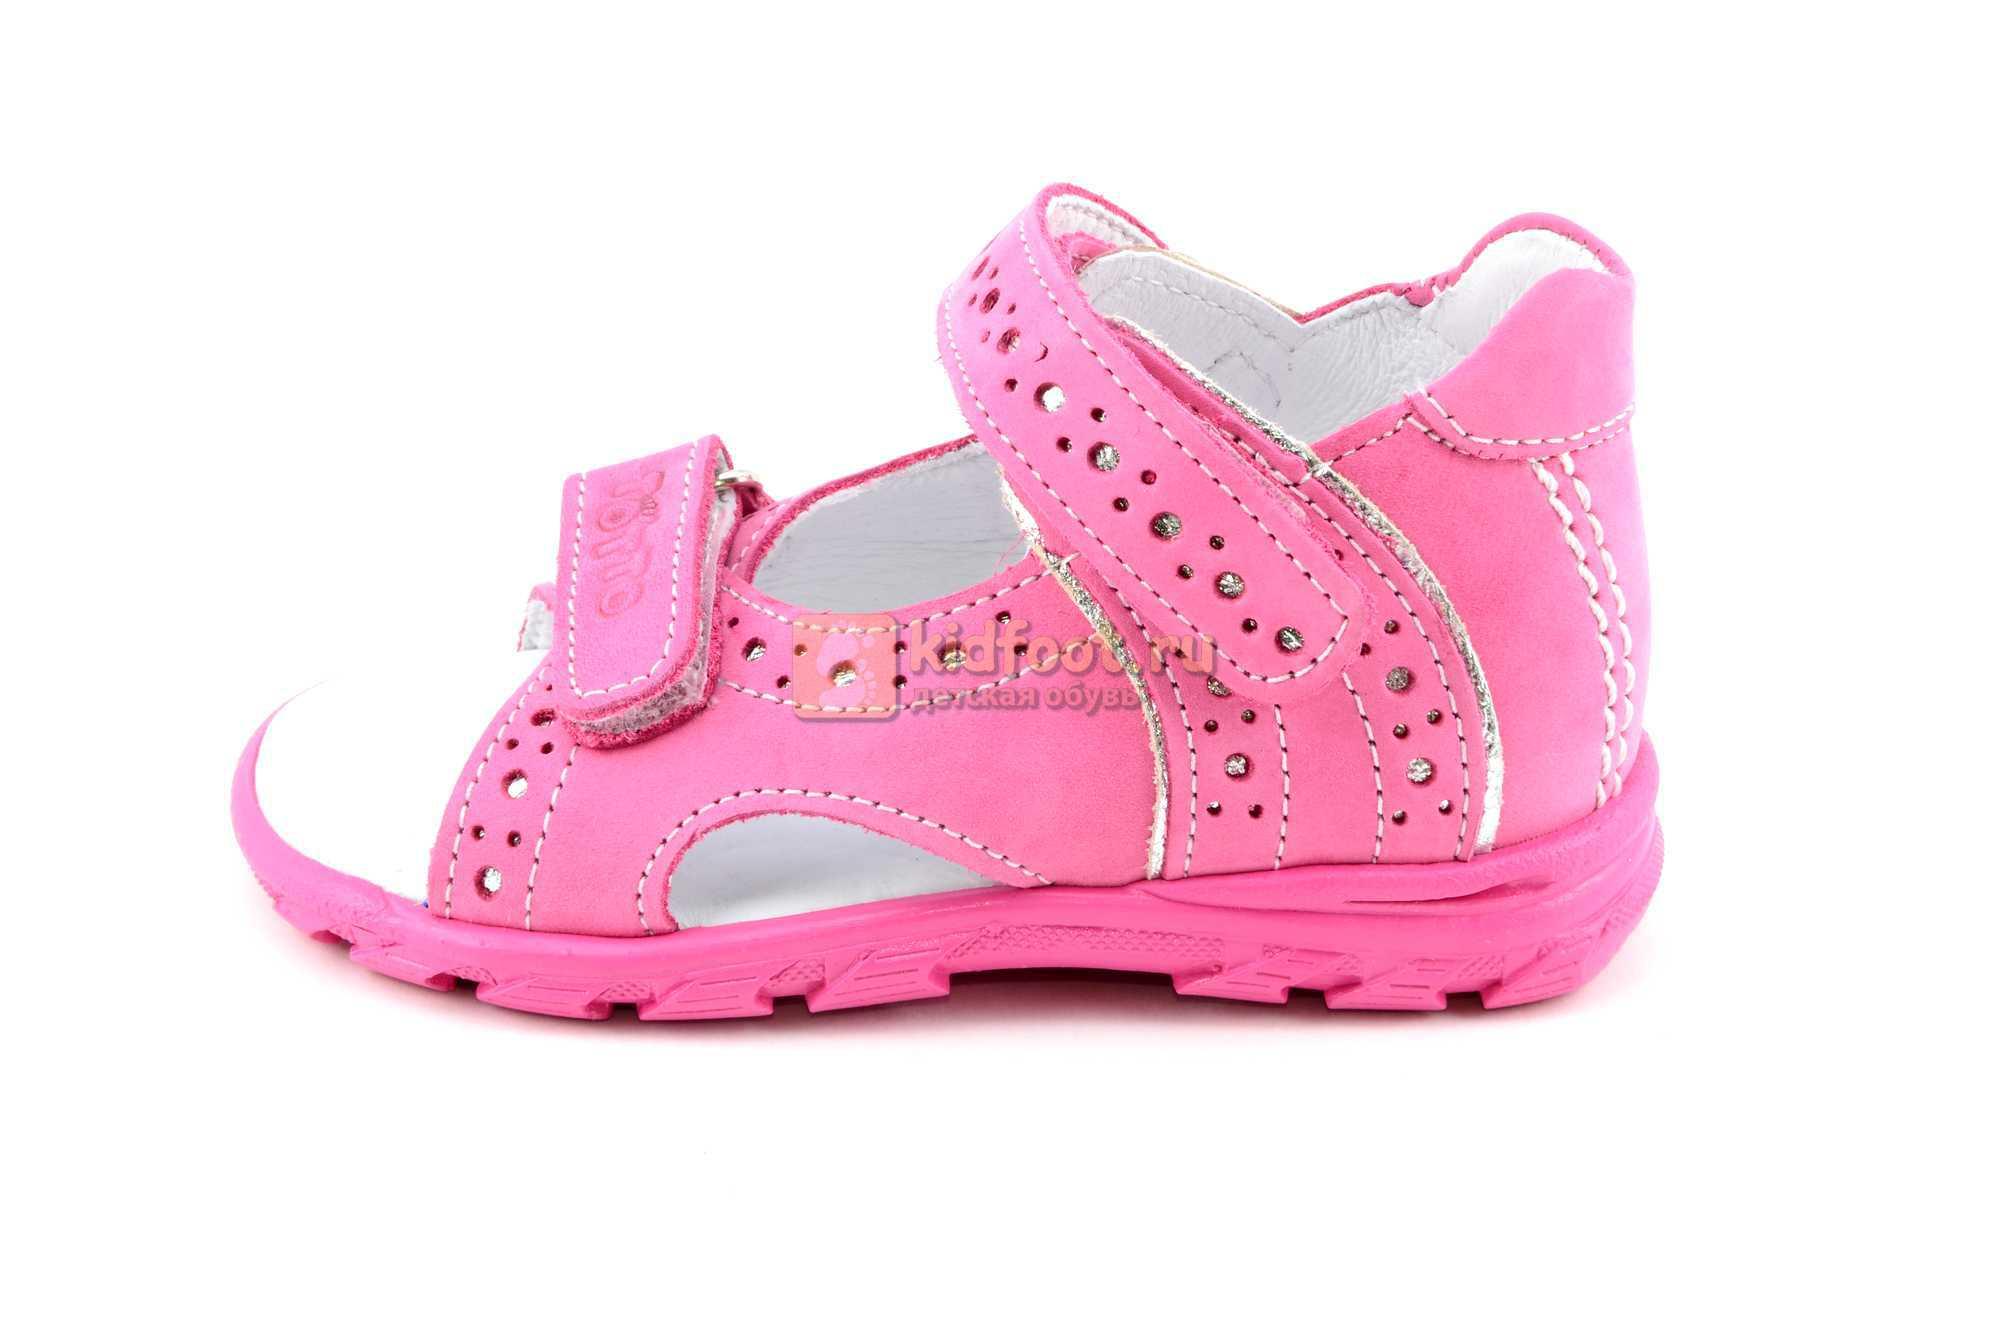 Босоножки Тотто из натуральной кожи с открытым носом для девочек, цвет розовый